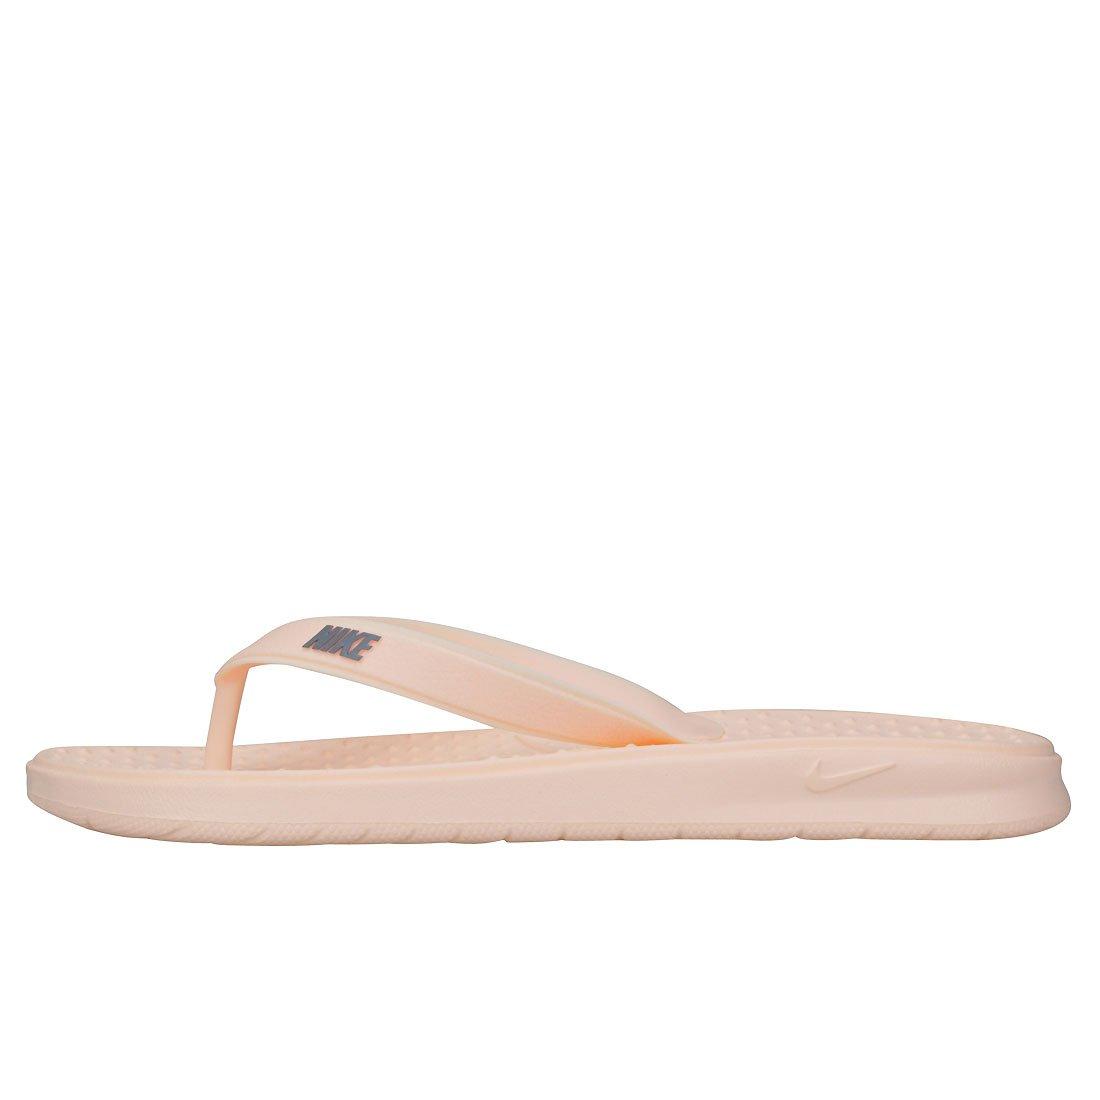 online retailer d149f 0e827 Nike 882699-800, Mules Femme  Amazon.fr  Chaussures et Sacs